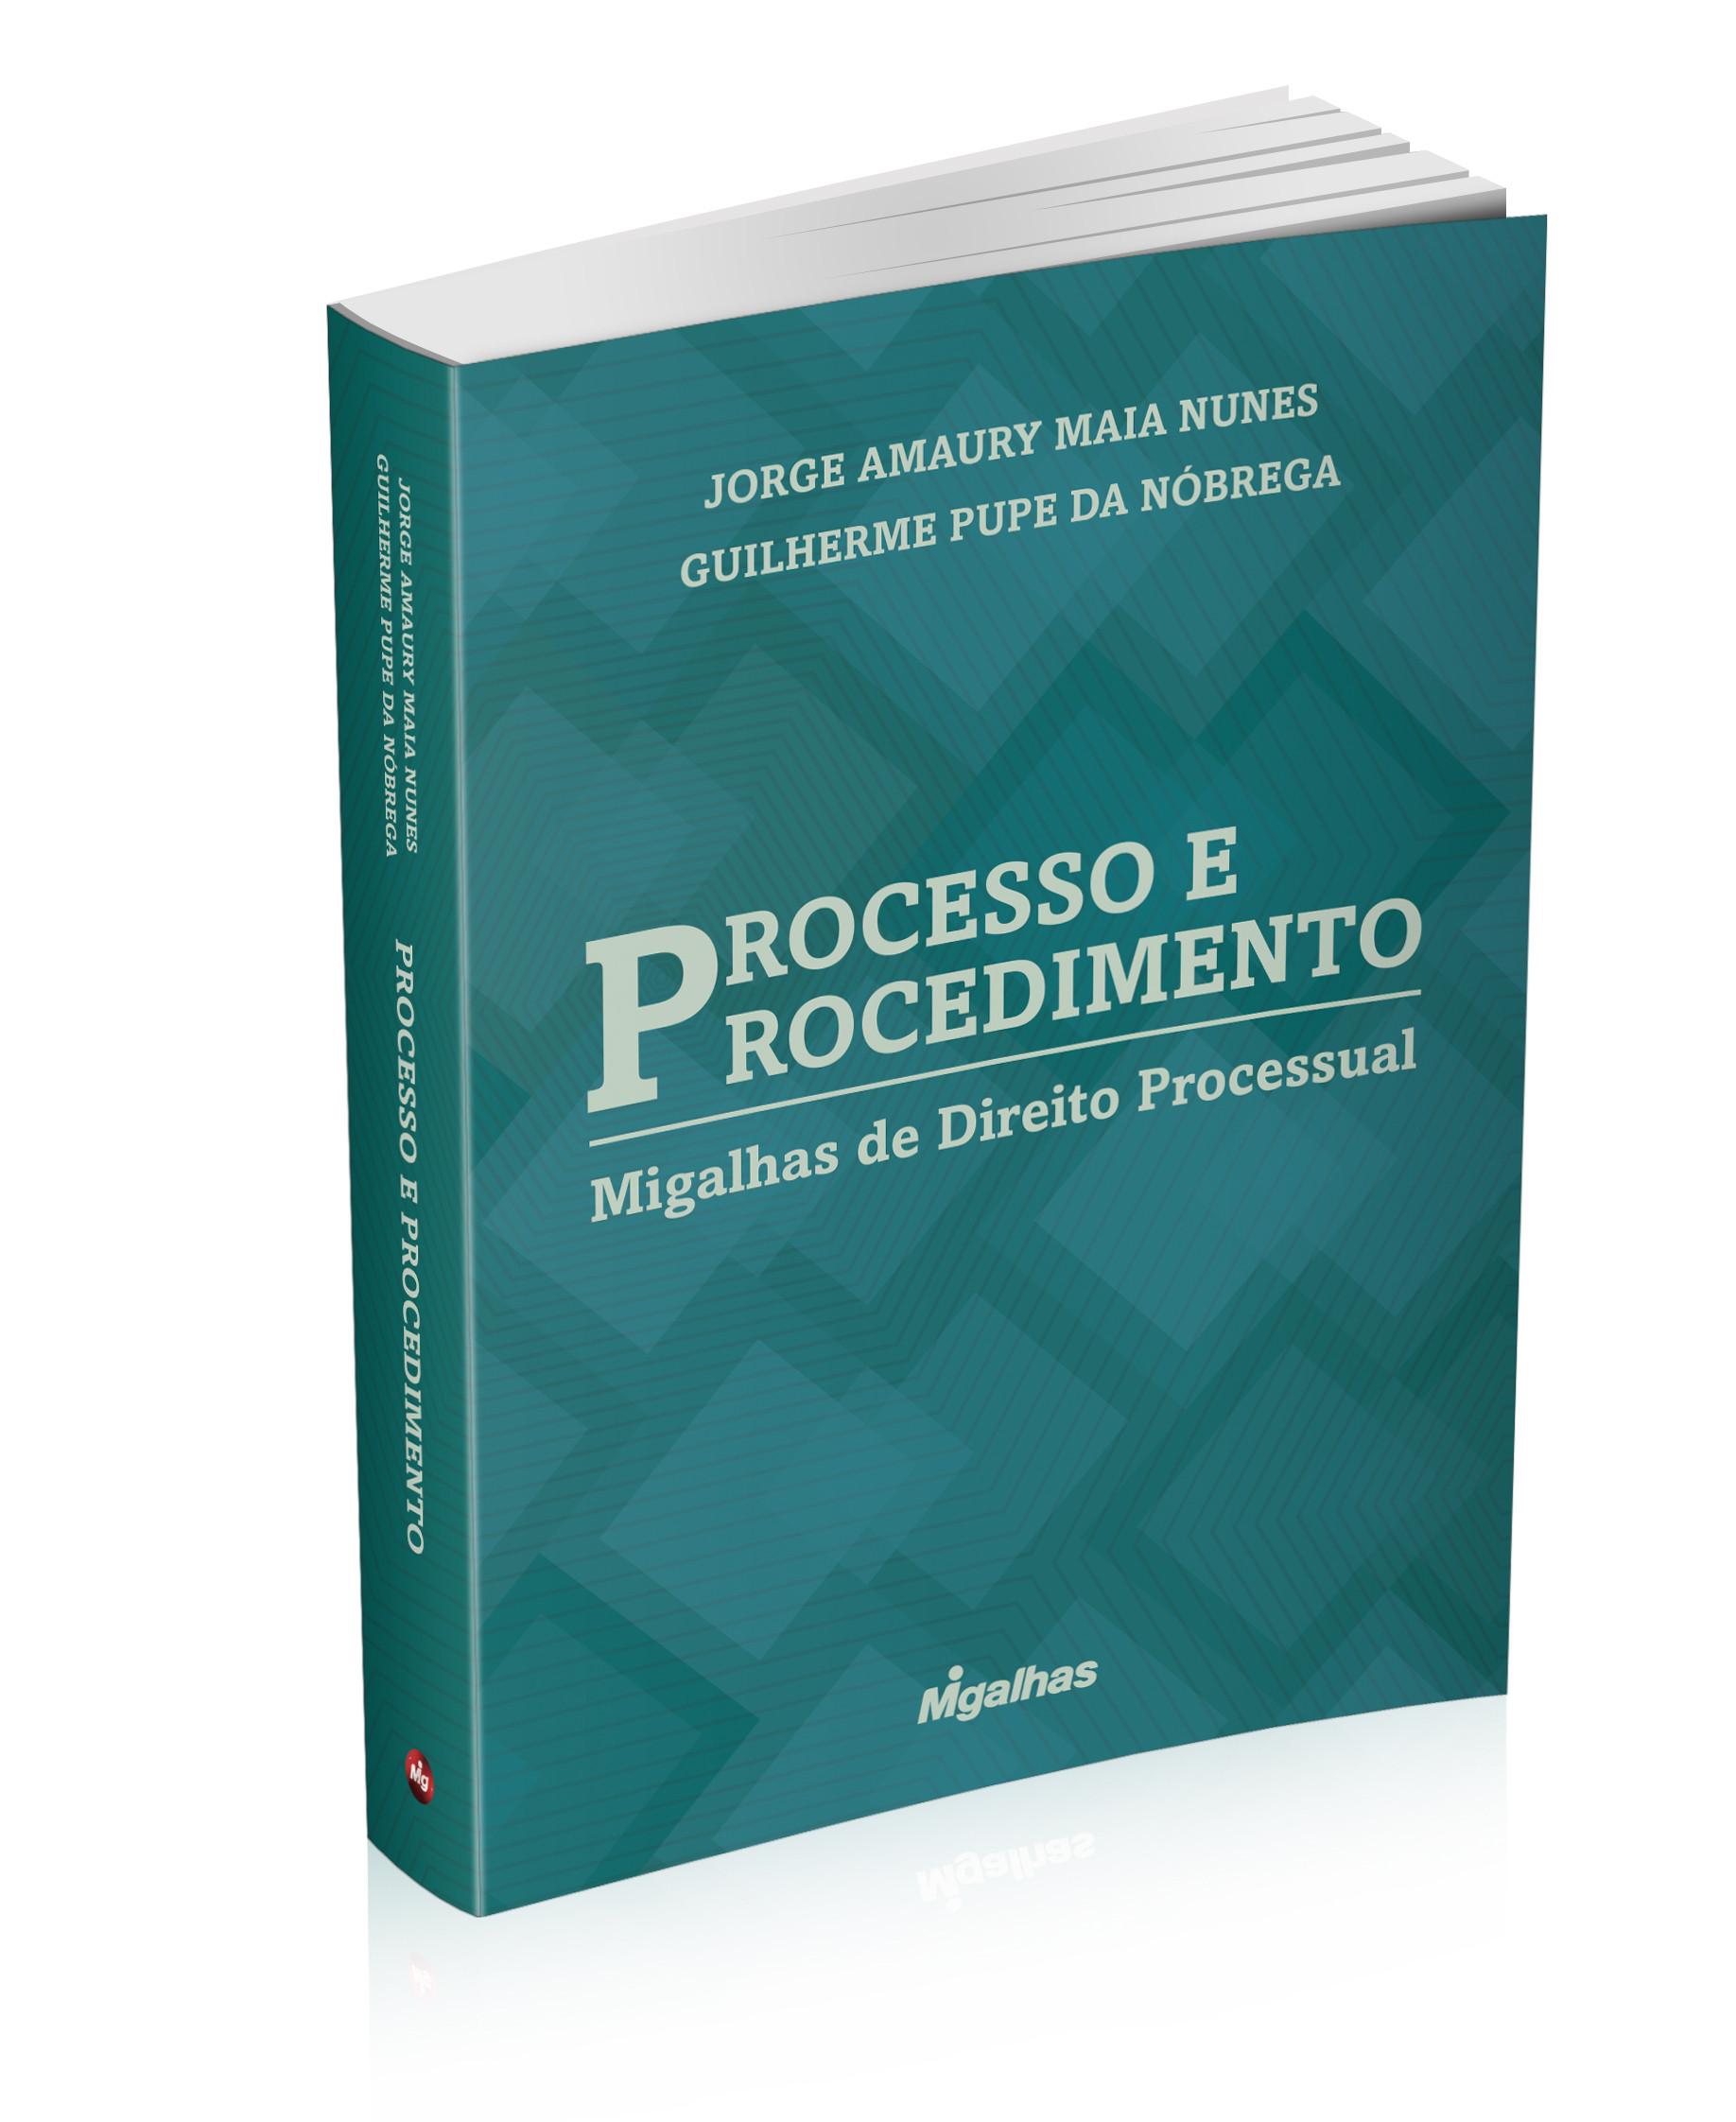 Processo e Procedimento - Migalhas de Direito Processual